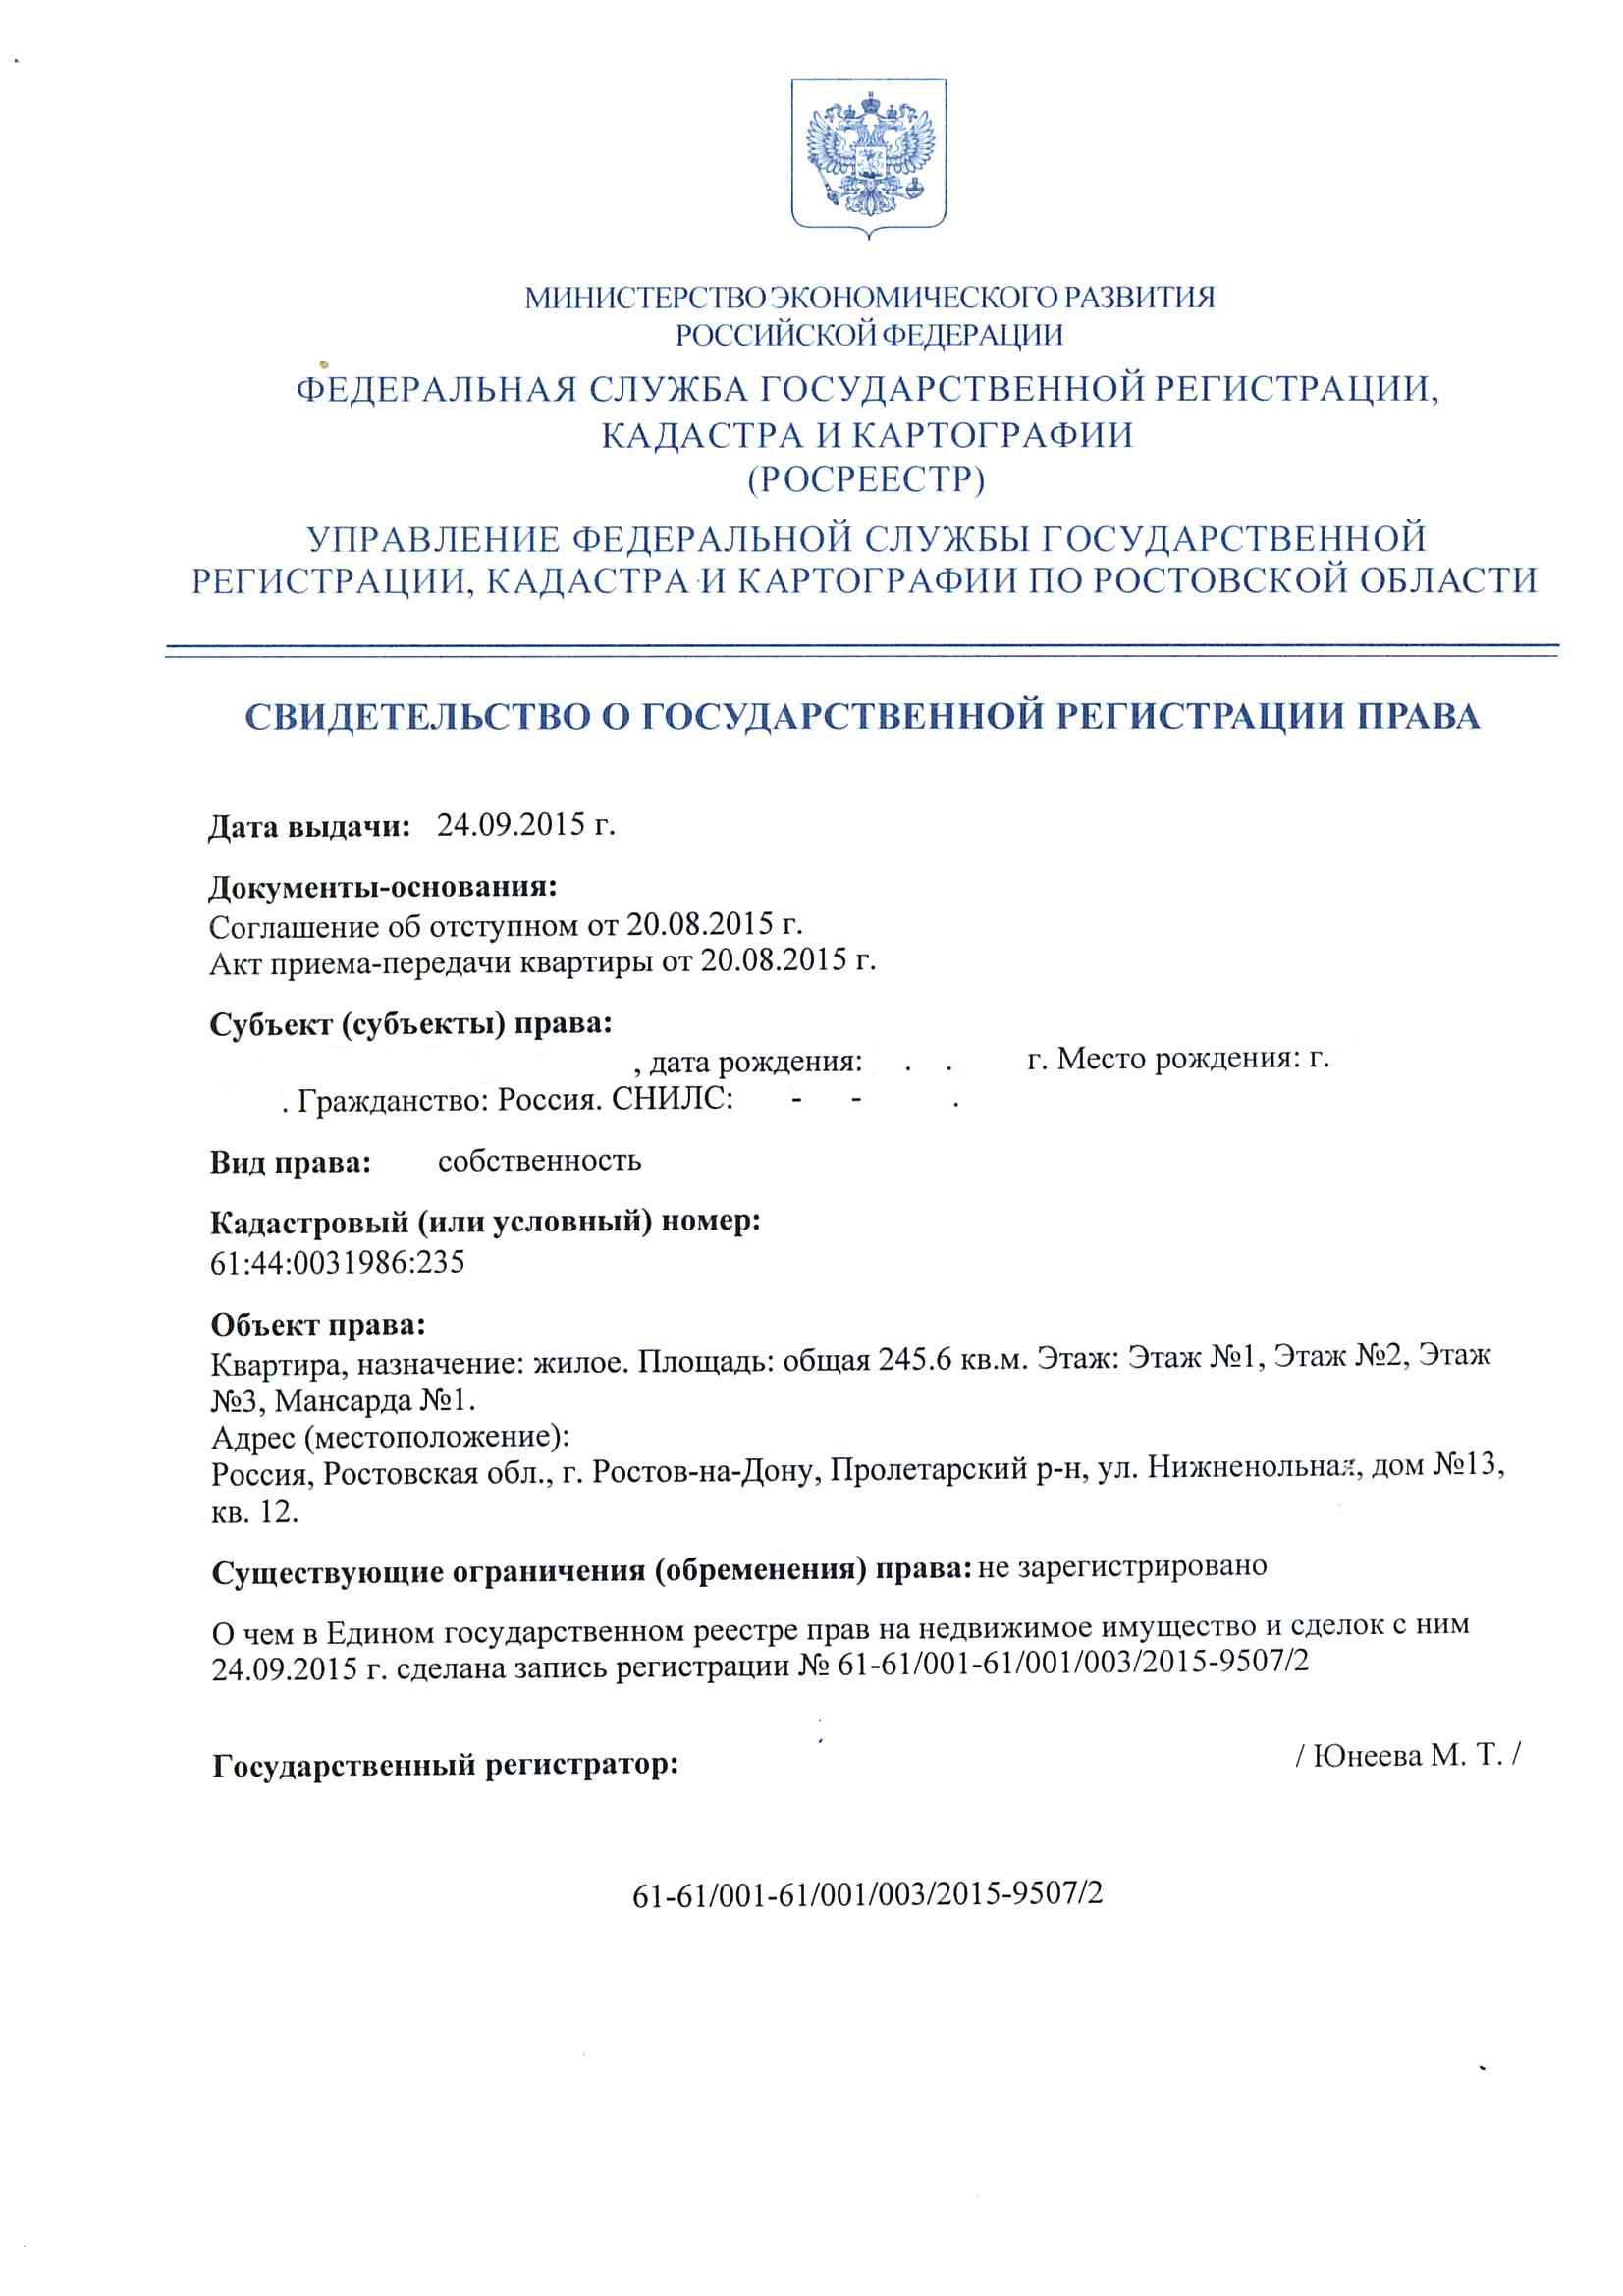 Свидетельство о гос регистрации квартира 12 продана